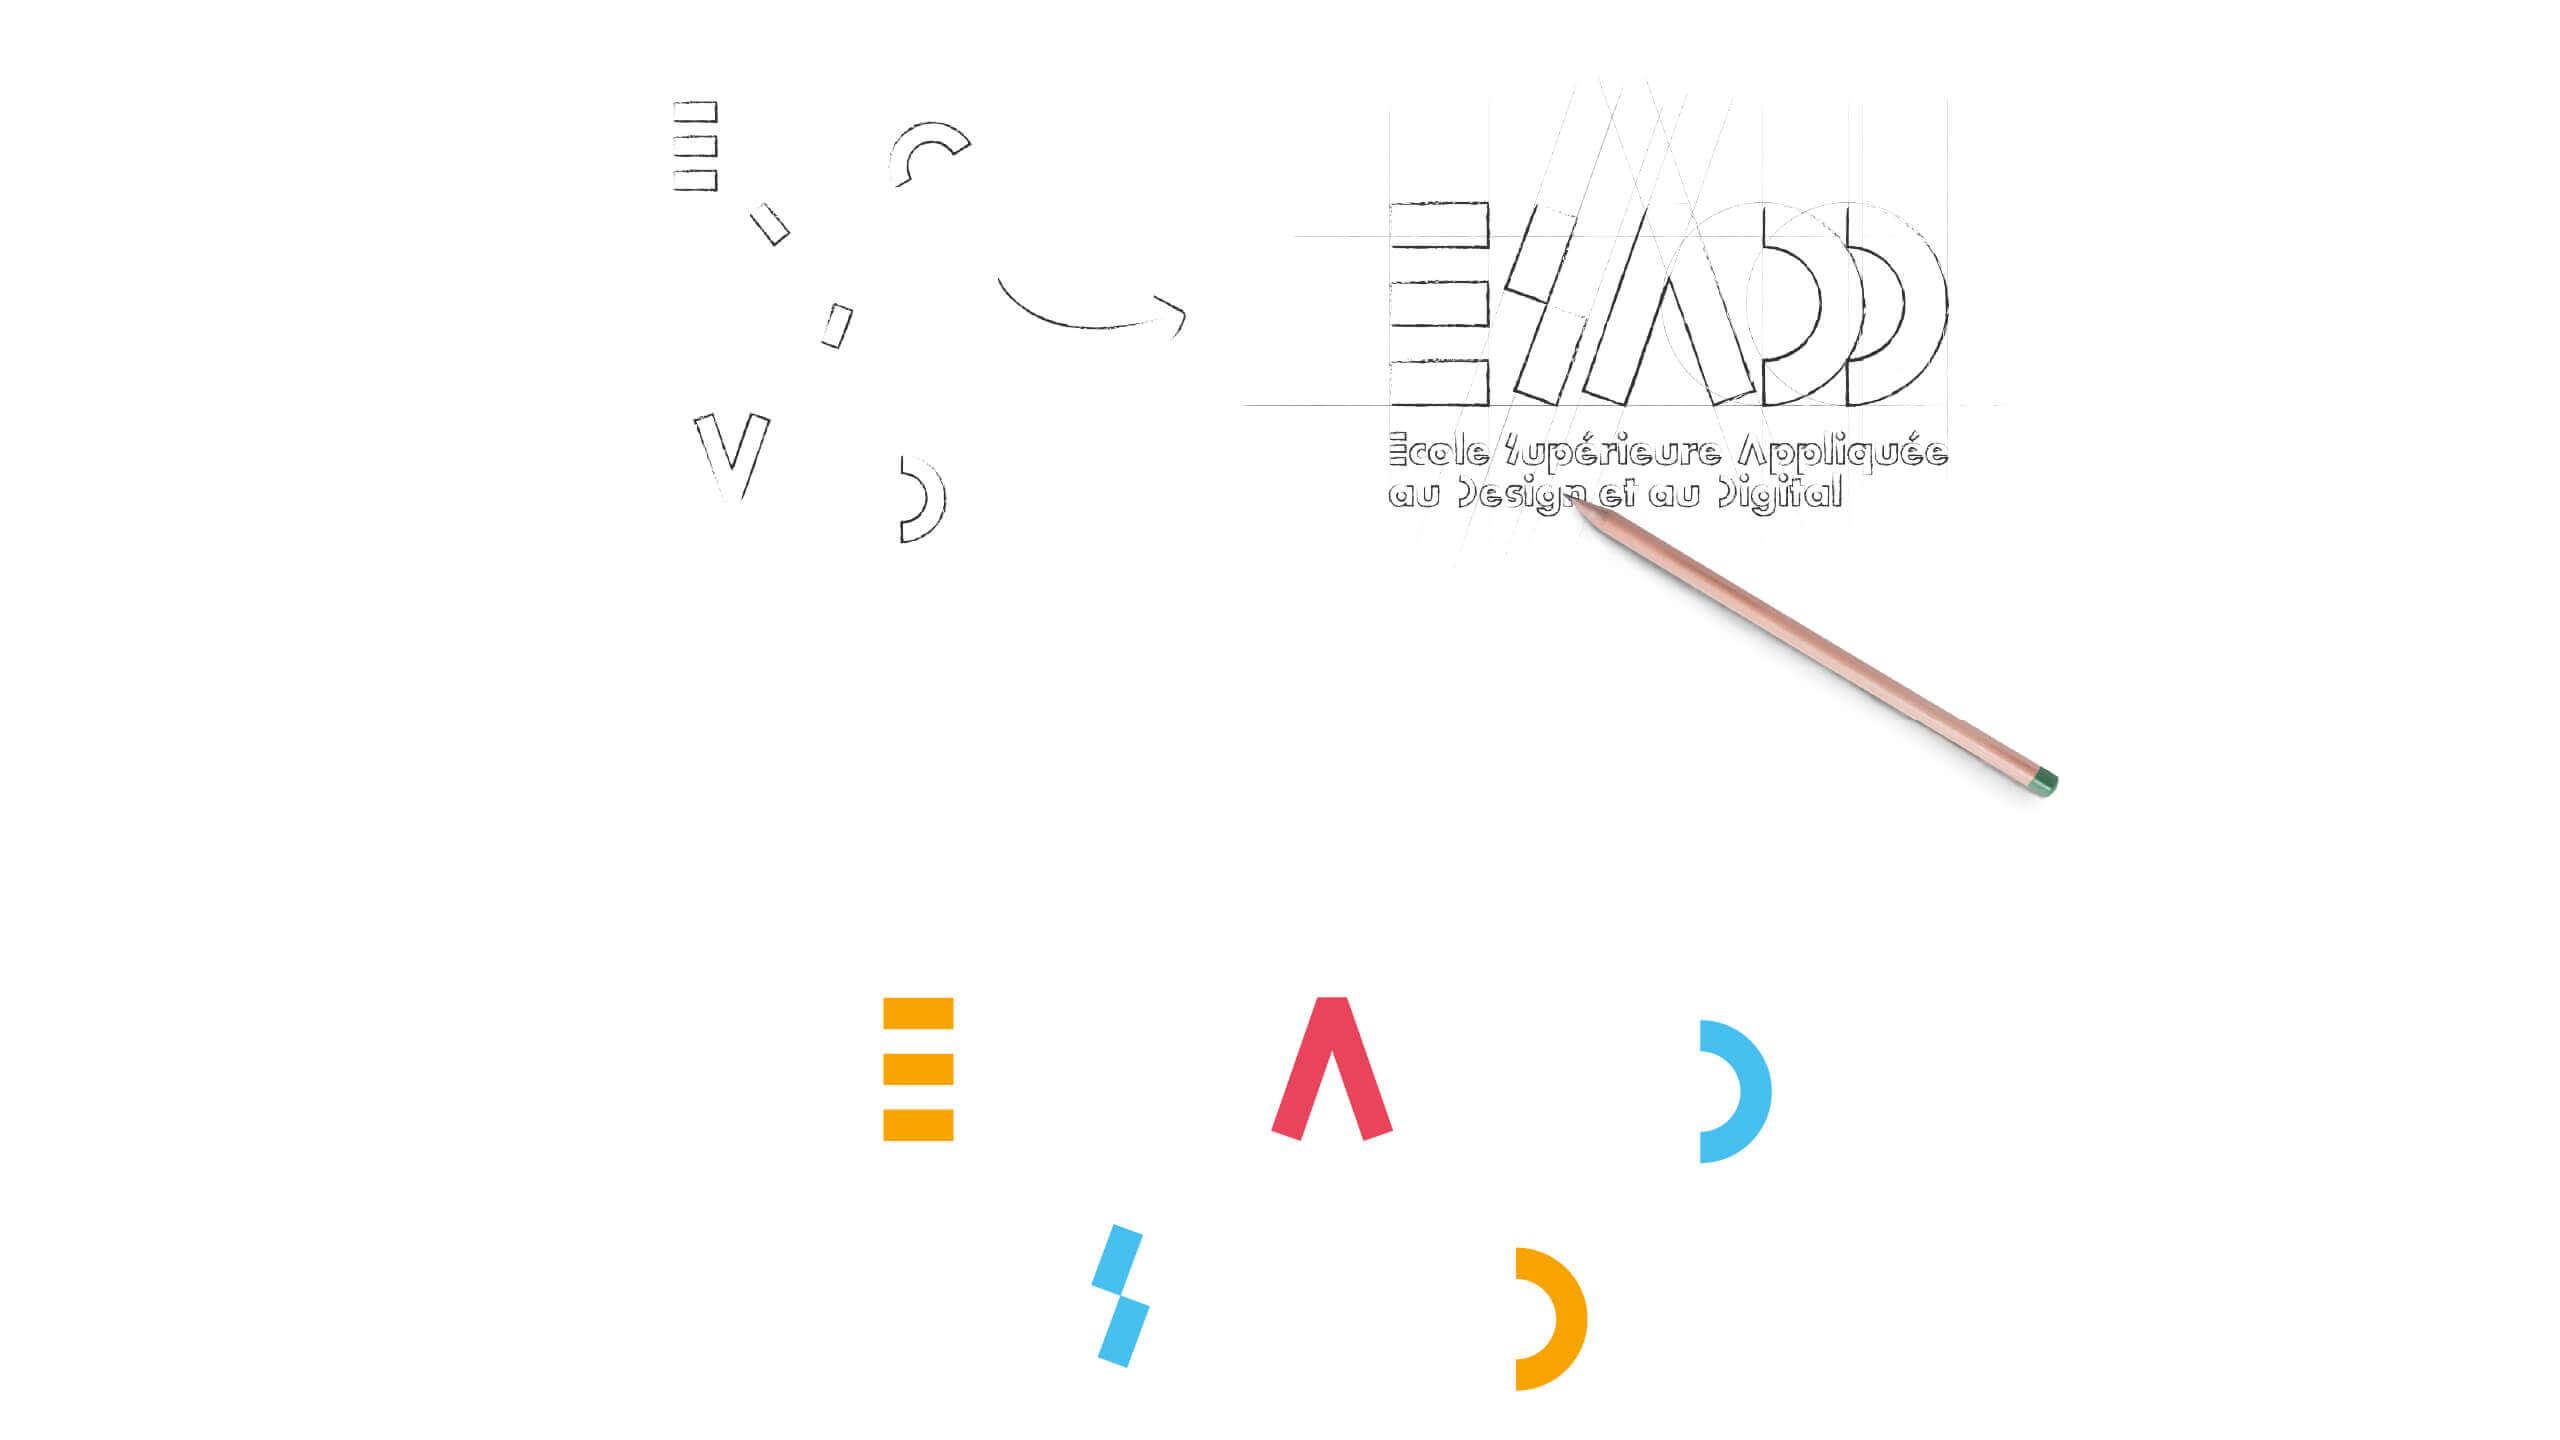 identité graphique de l'esadd